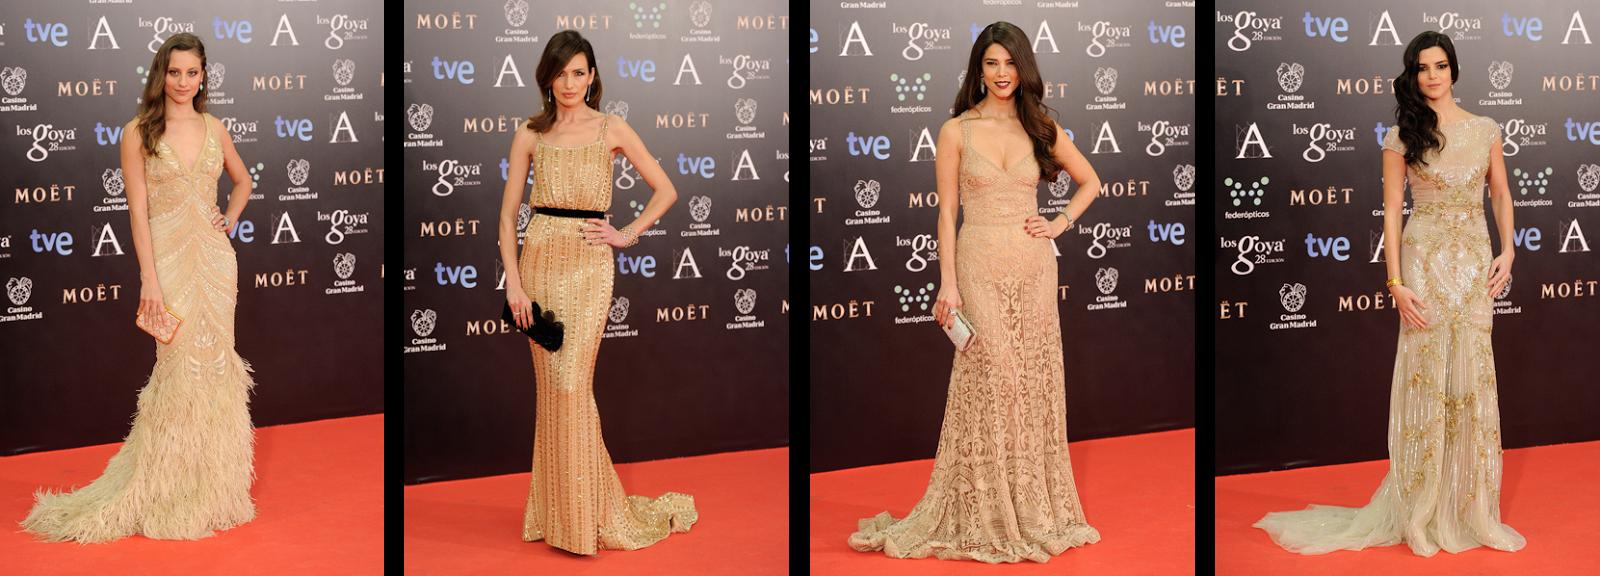 Gala de los Goya 2014 actrices vestidas de dorado